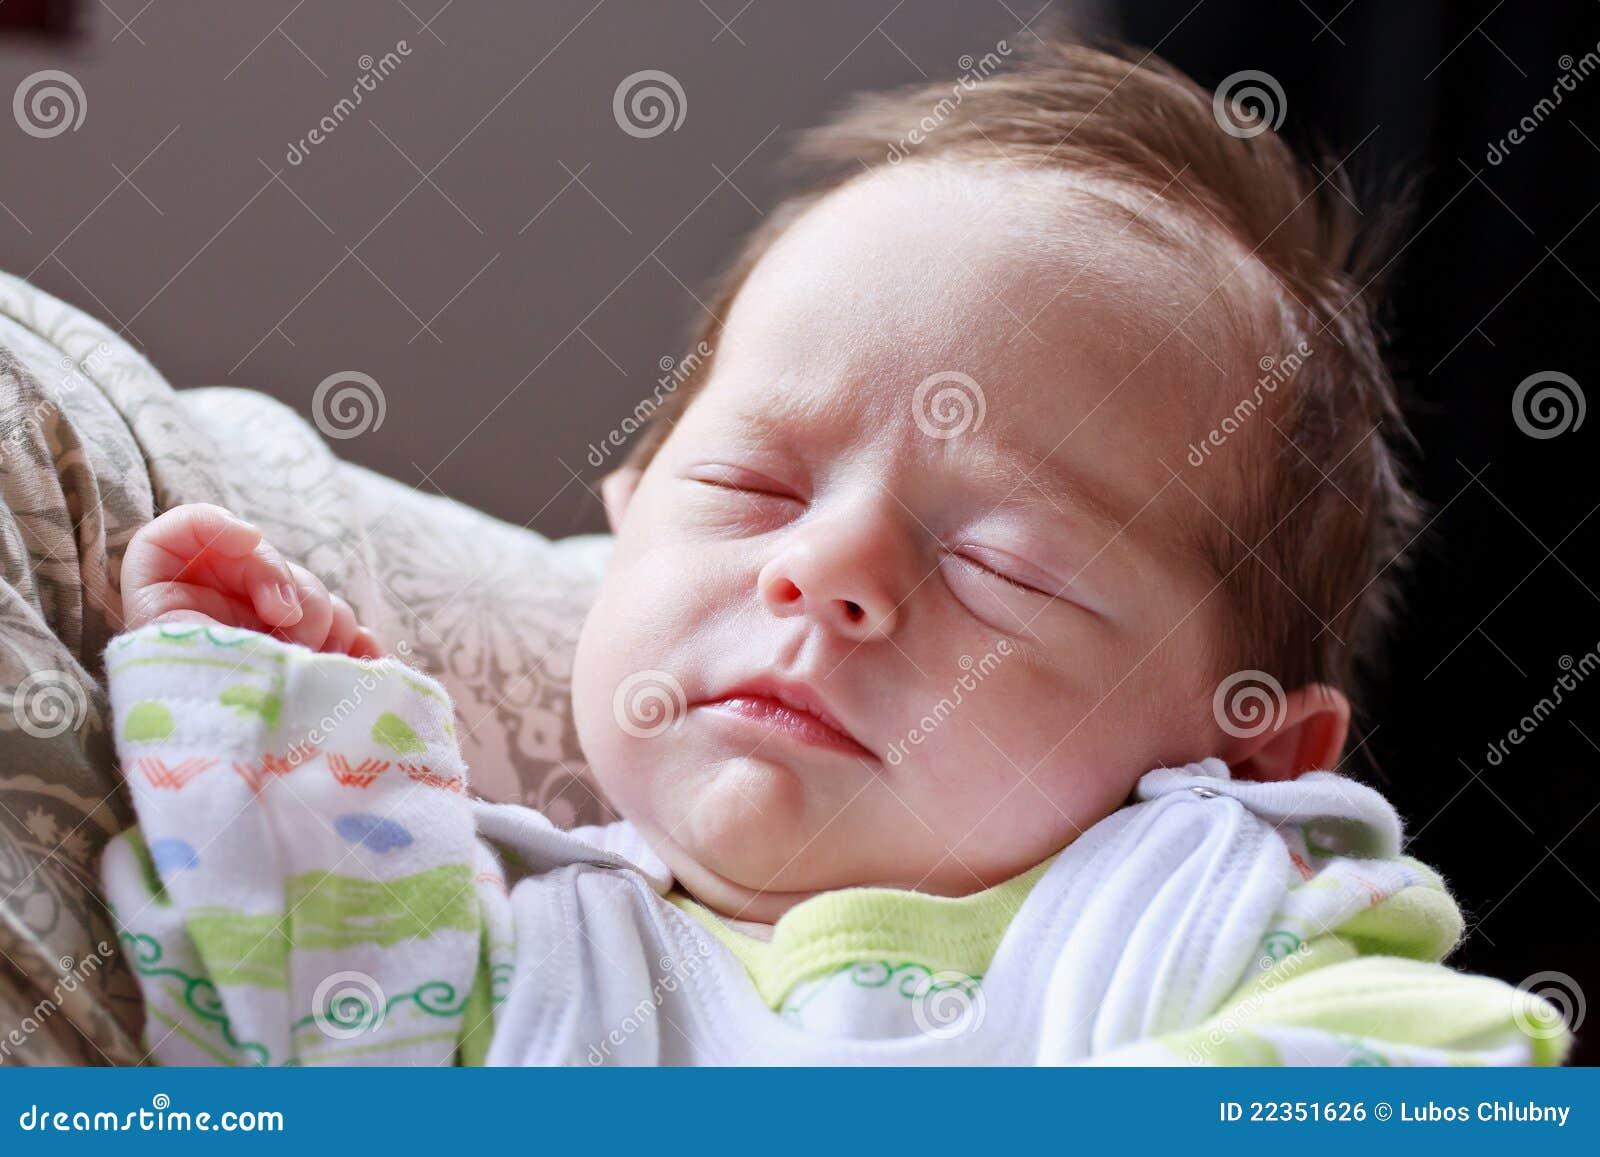 婴孩梦中情人休眠